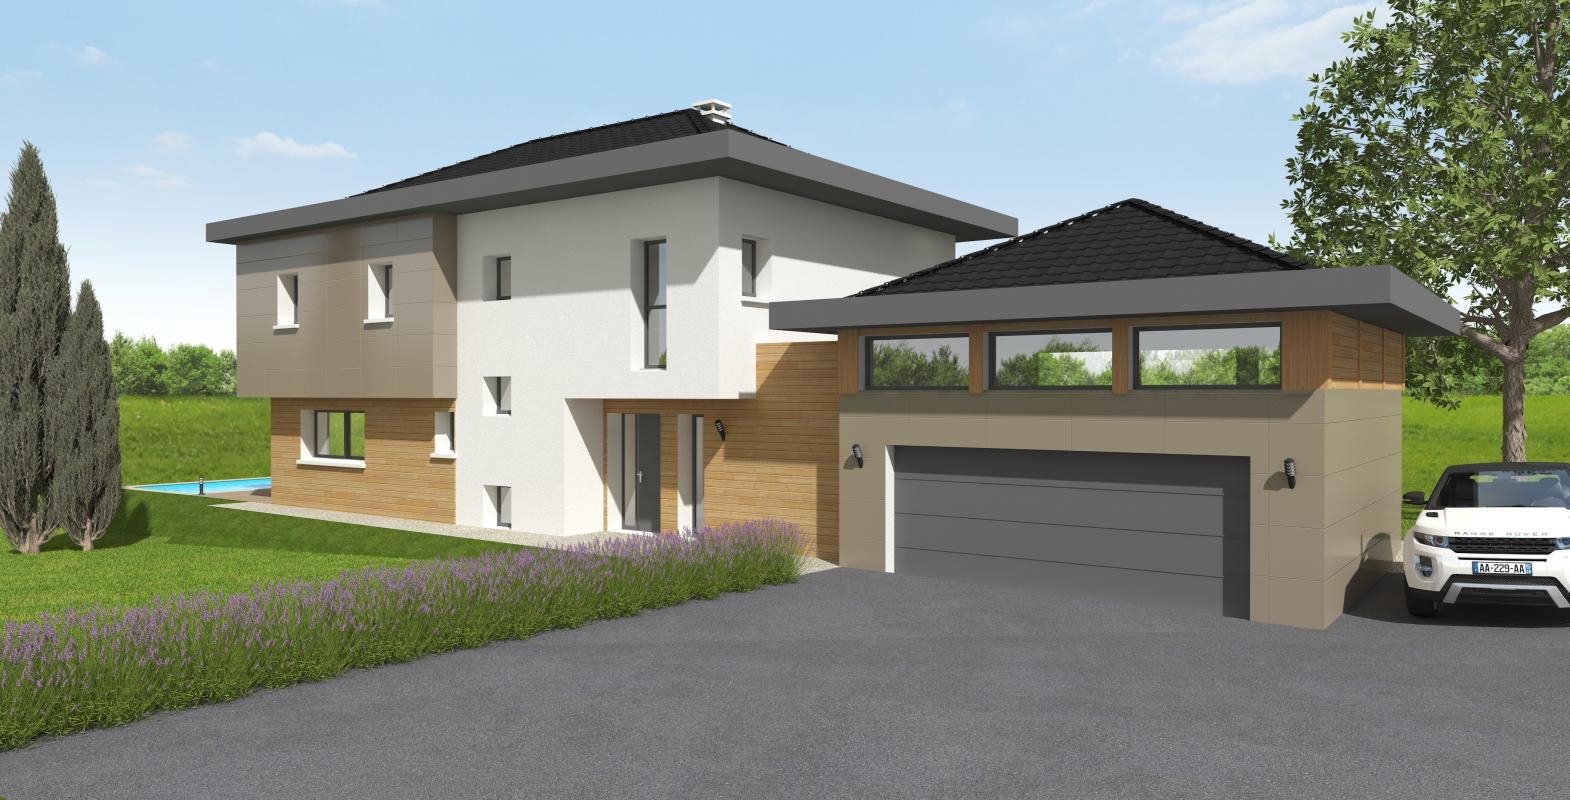 Maisons + Terrains du constructeur MAISONS ALAIN METRAL • 170 m² • COLLONGES SOUS SALEVE